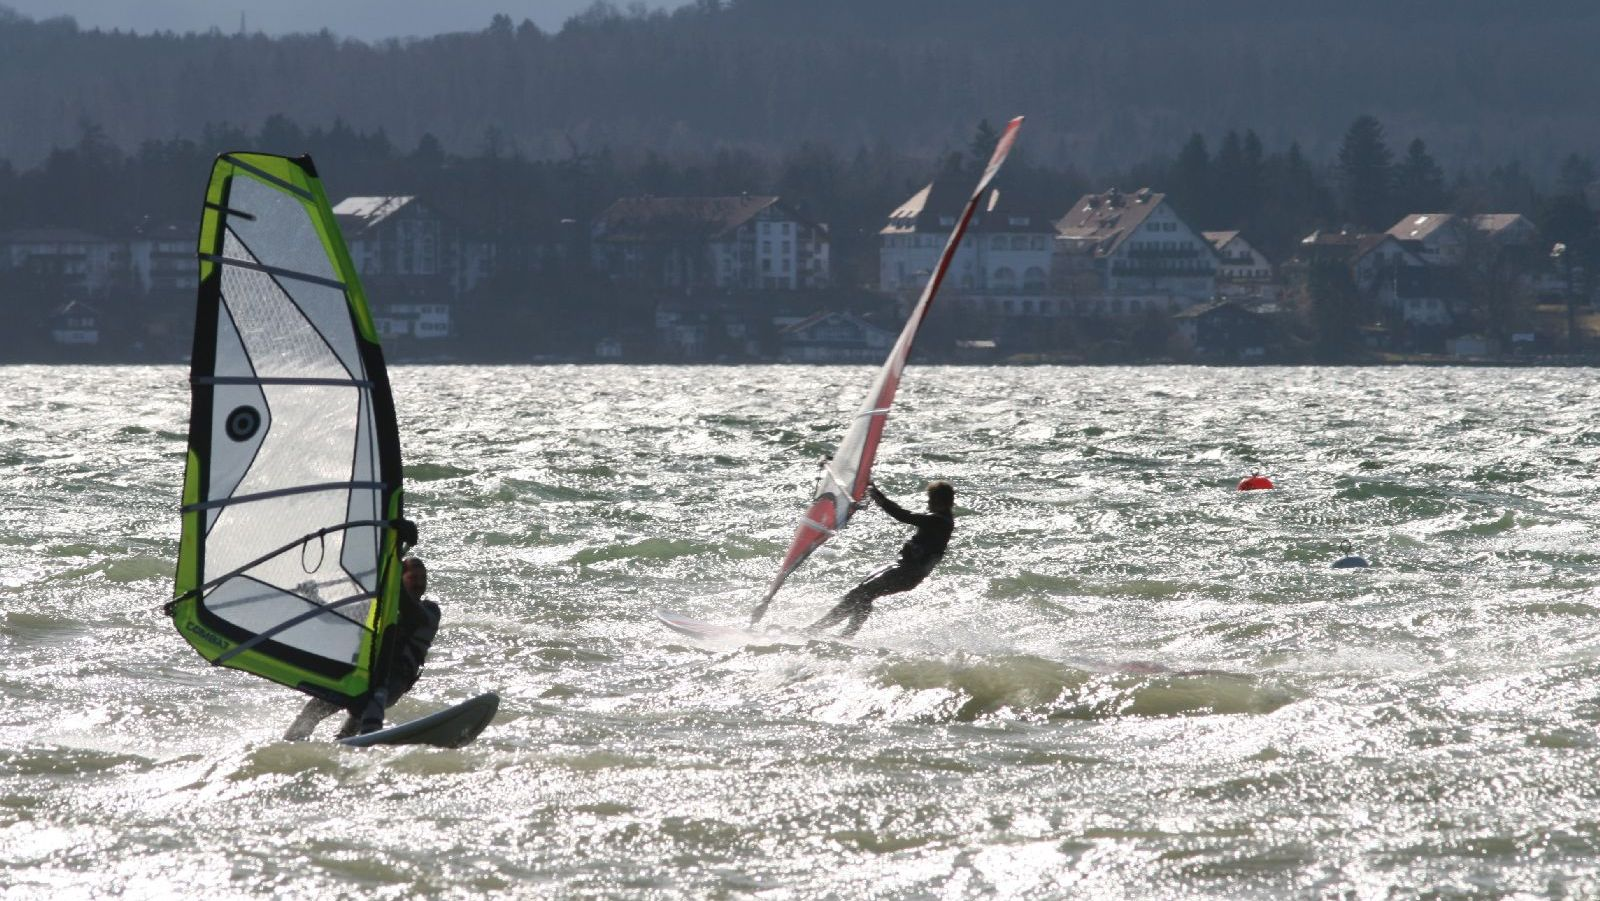 Windsurfen_Starnberger_See_IMG_5279.JPG